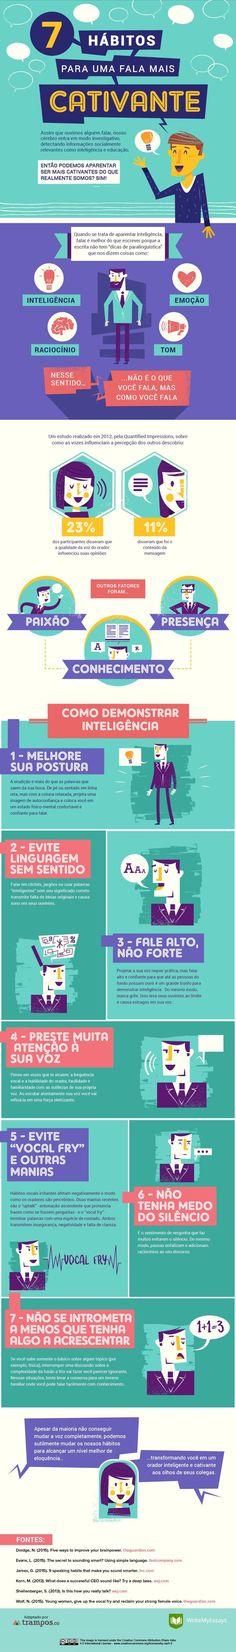 Infográfico: 7 hábitos para uma fala mais cativante